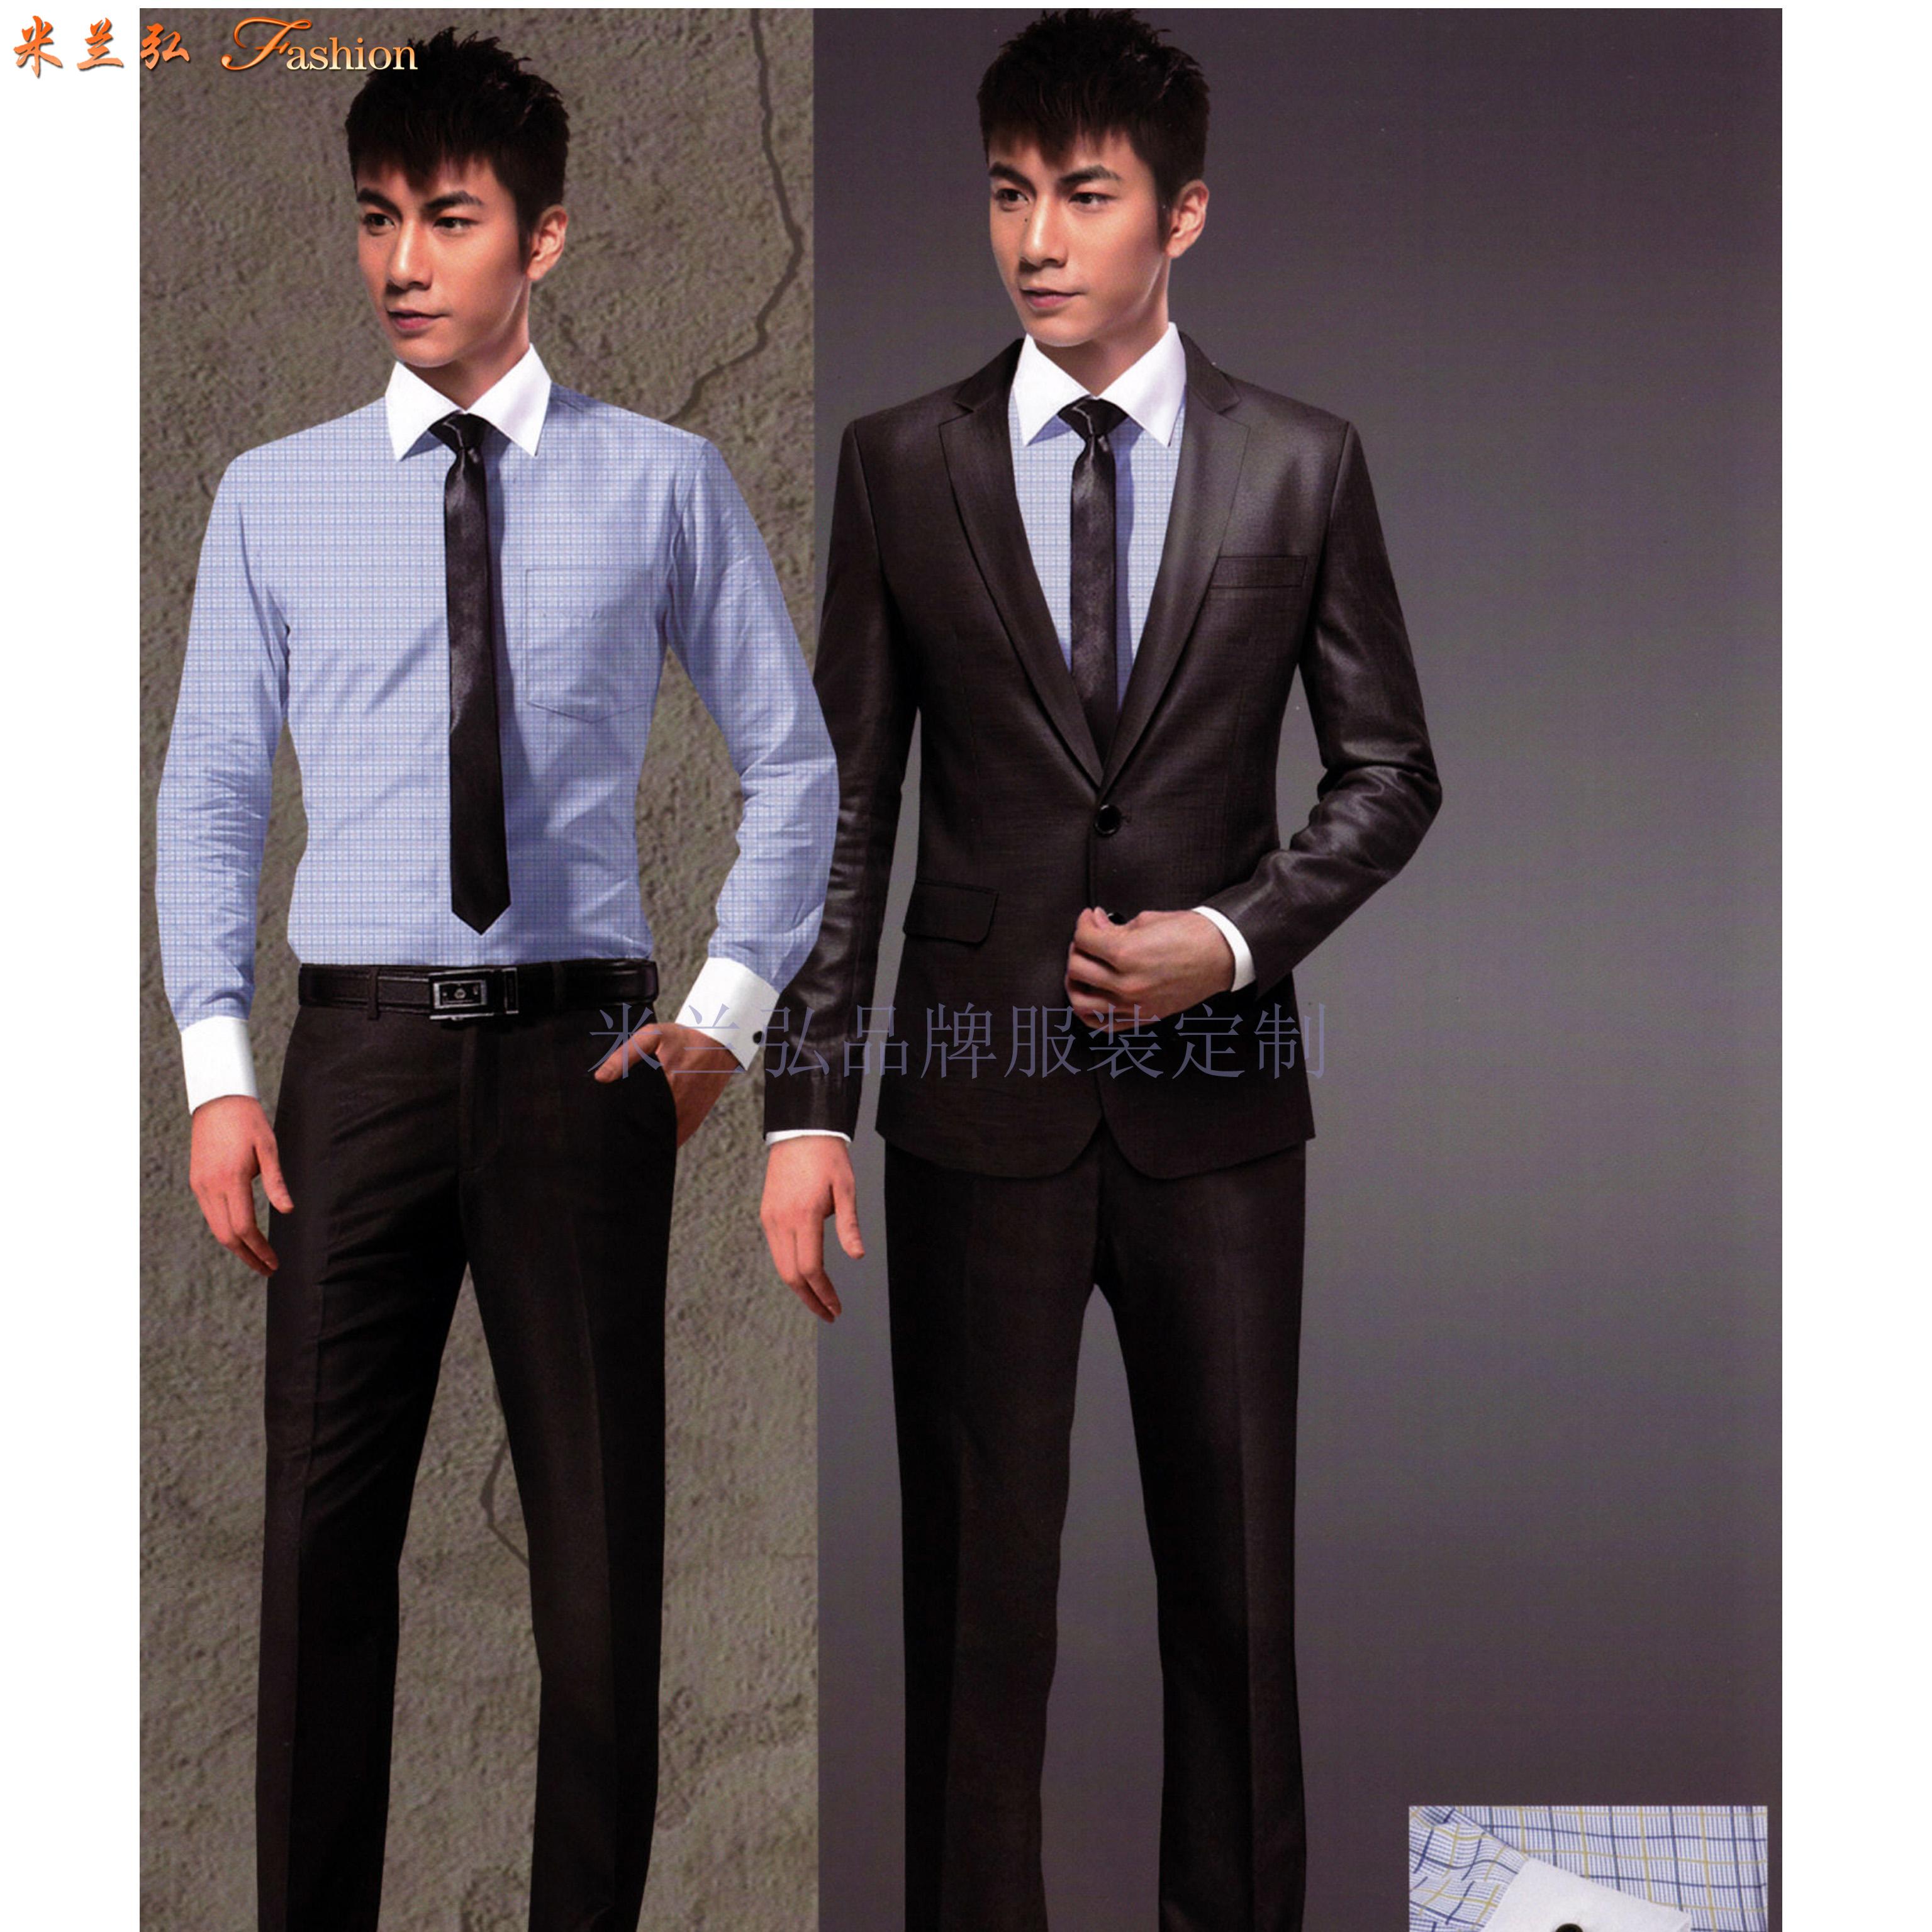 廣東西服定制-廣東量身訂制西服品牌-米蘭弘服裝-5